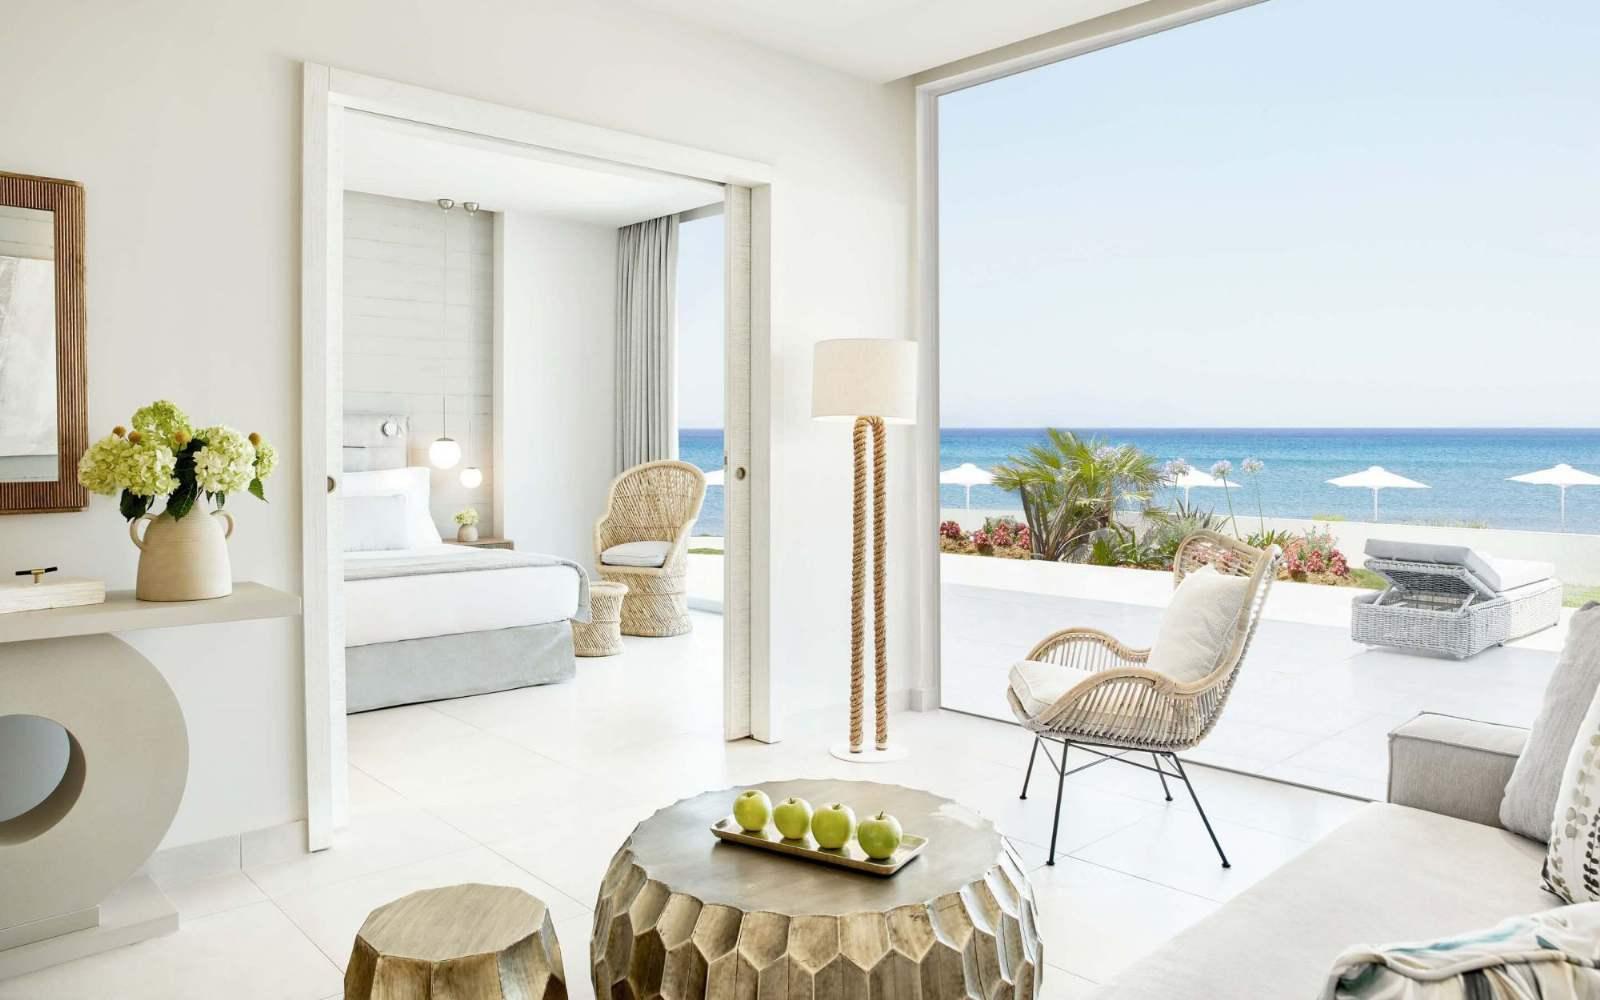 Ikos Aria - One bedroom Suite private garden